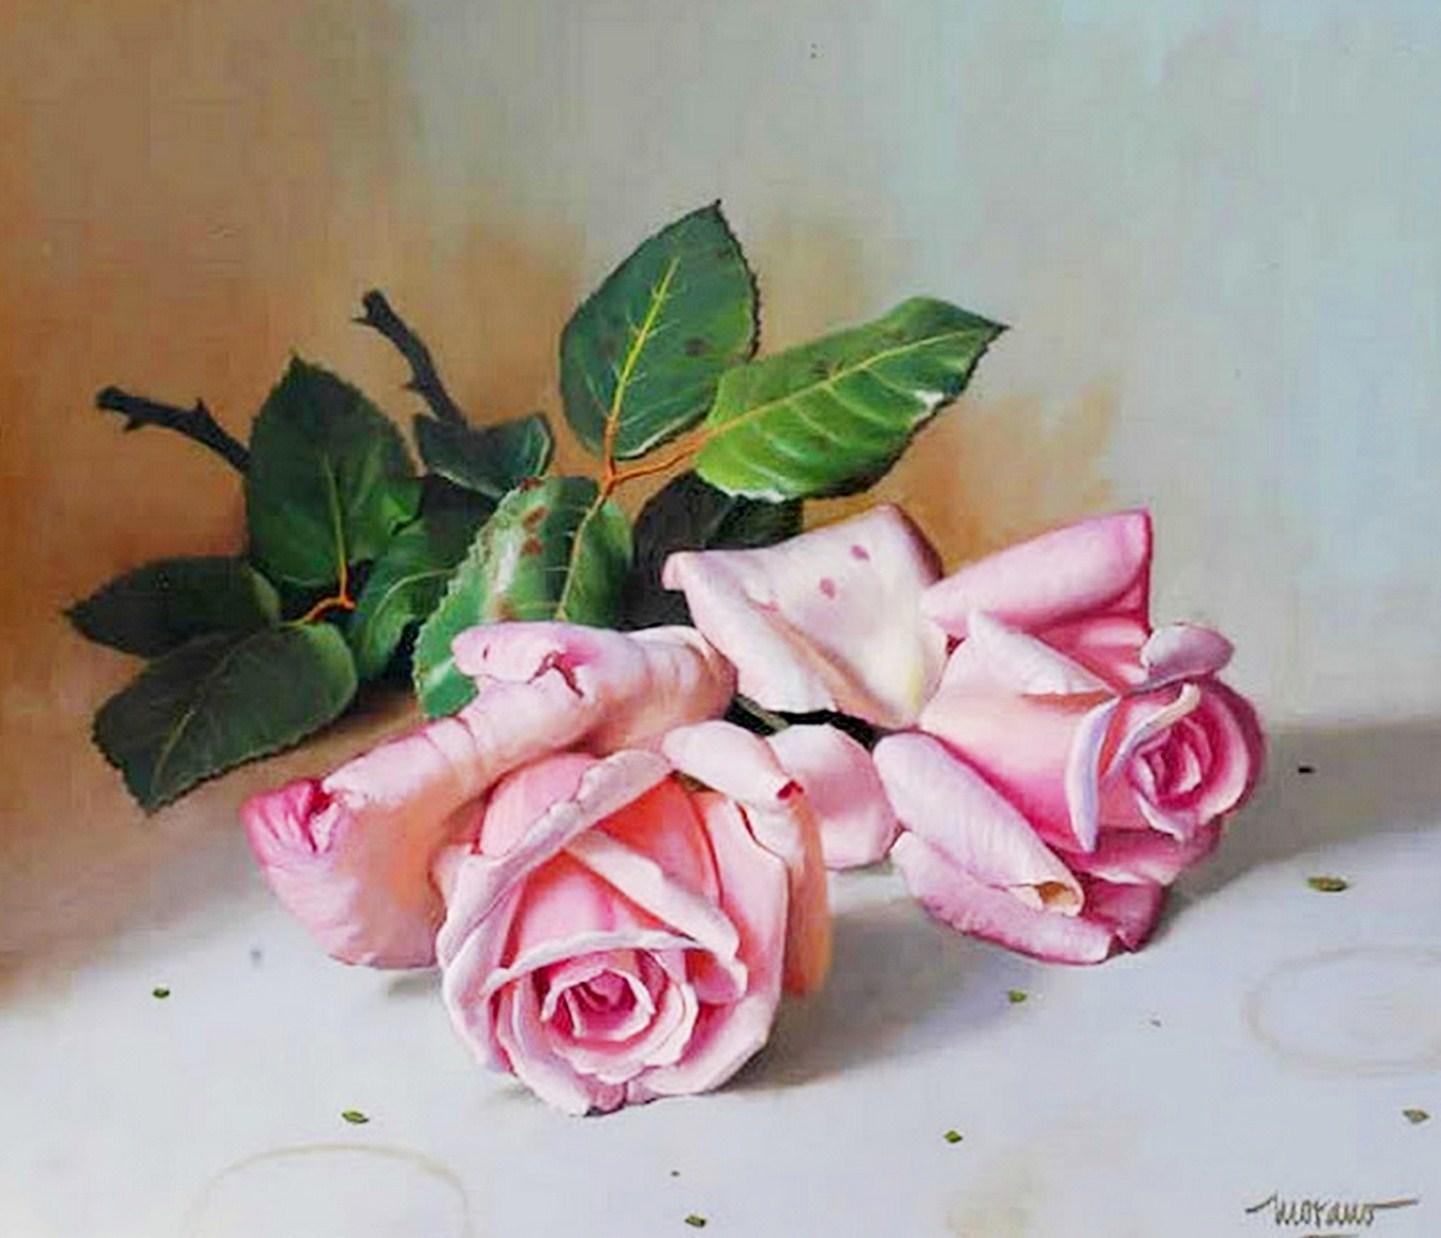 Pinturas cuadros bodegones modernos pinturas de flores - Cuadros de pintura ...